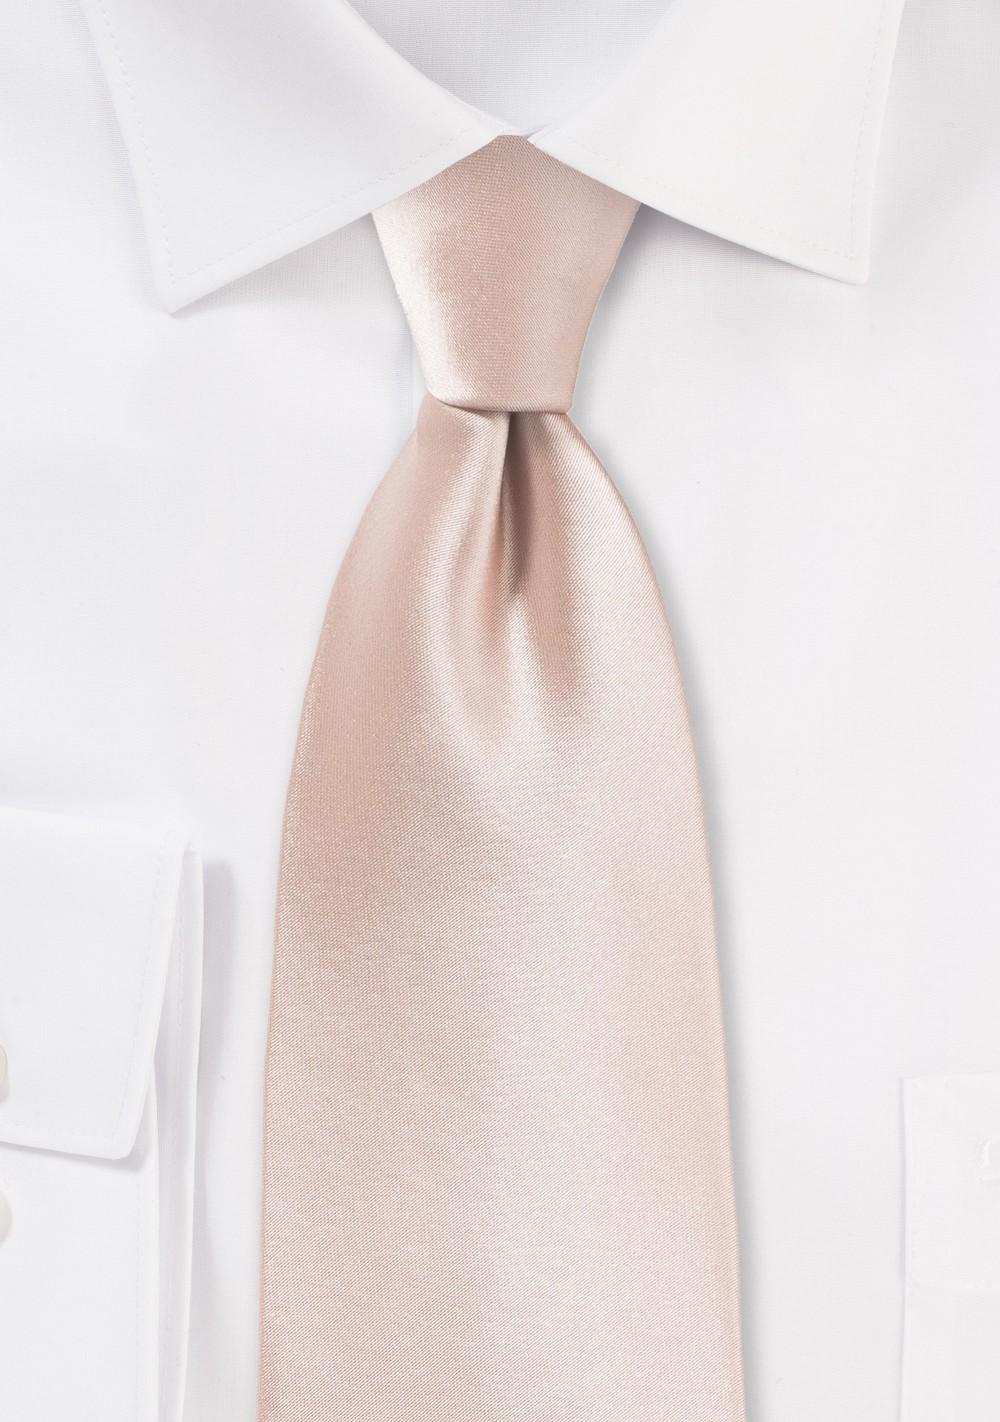 Antique Blush Mens Tie in XL Size